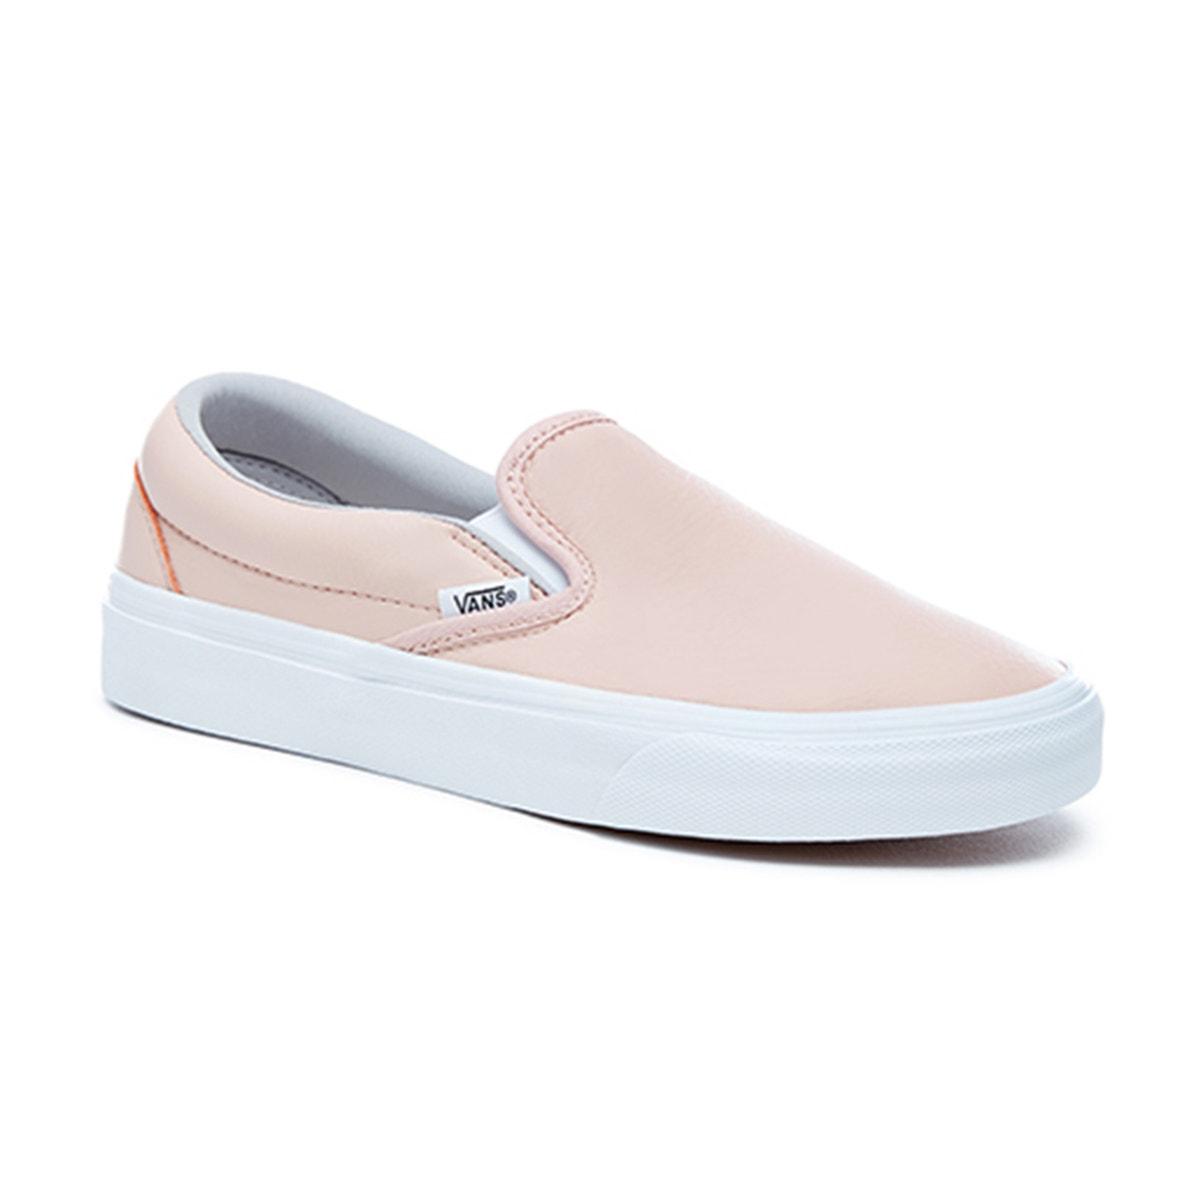 Vans - Vans 350111420 - 1247 laredoute   γυναικεια   sneakers